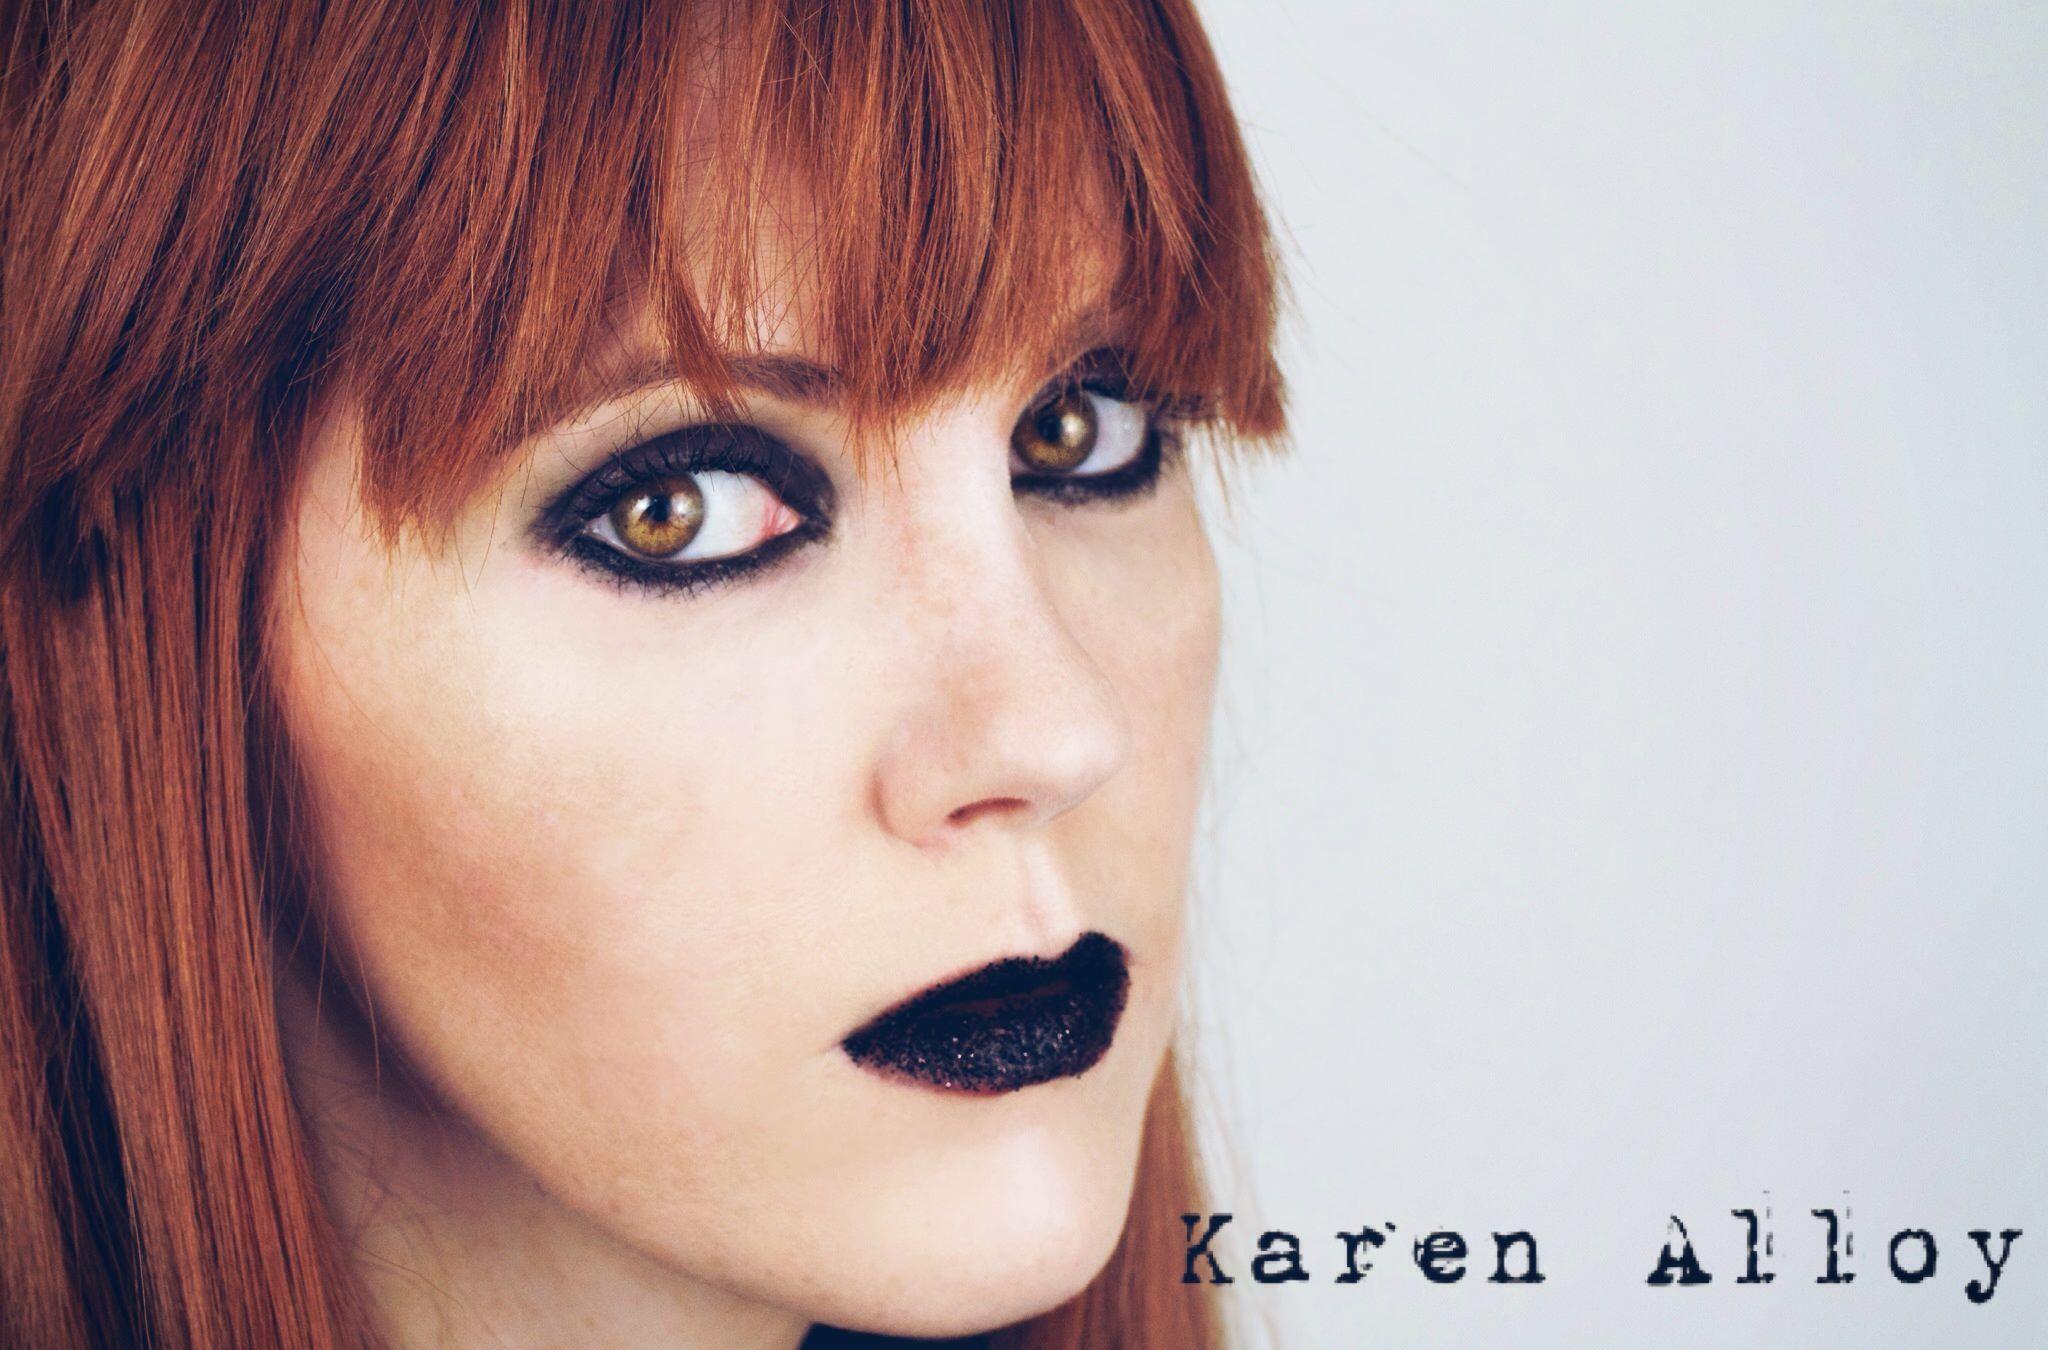 Celebrity Karen Alloy nude photos 2019